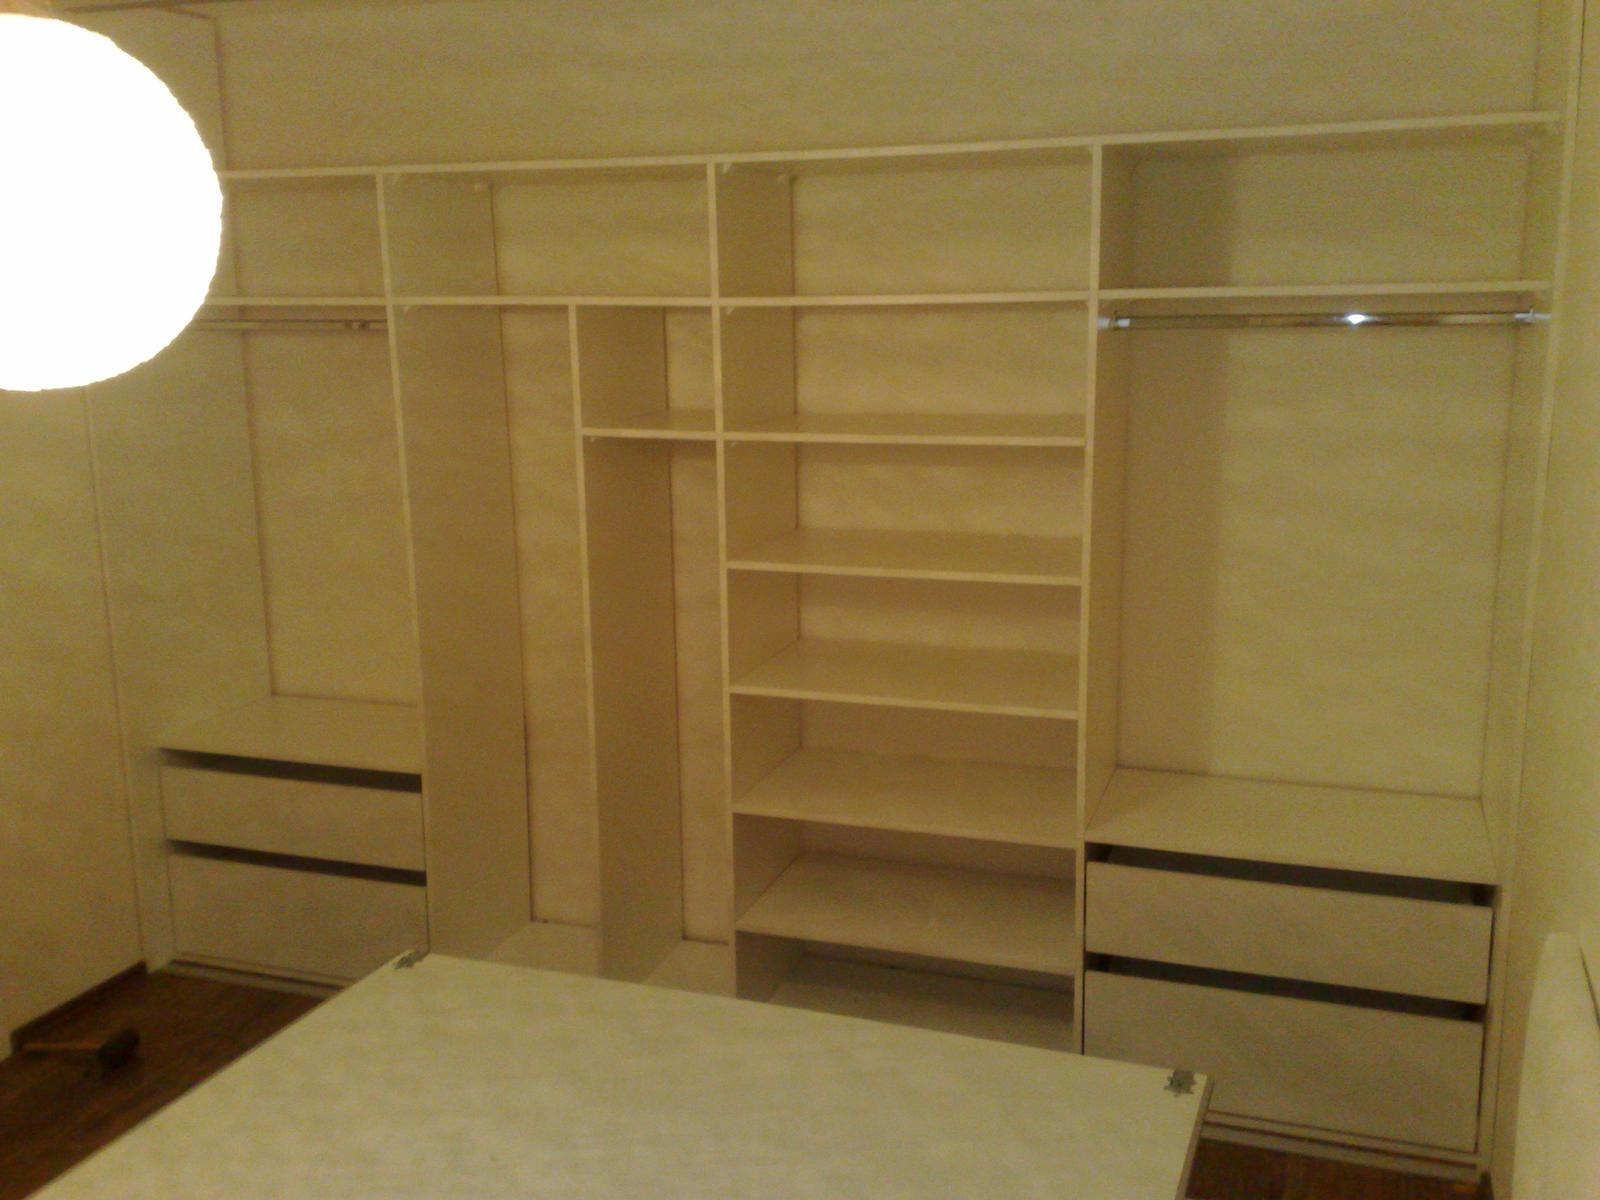 Ďalšie vstavané skrine - Vstavaná skriňa biela perlička + lacobel sivý 3,7m